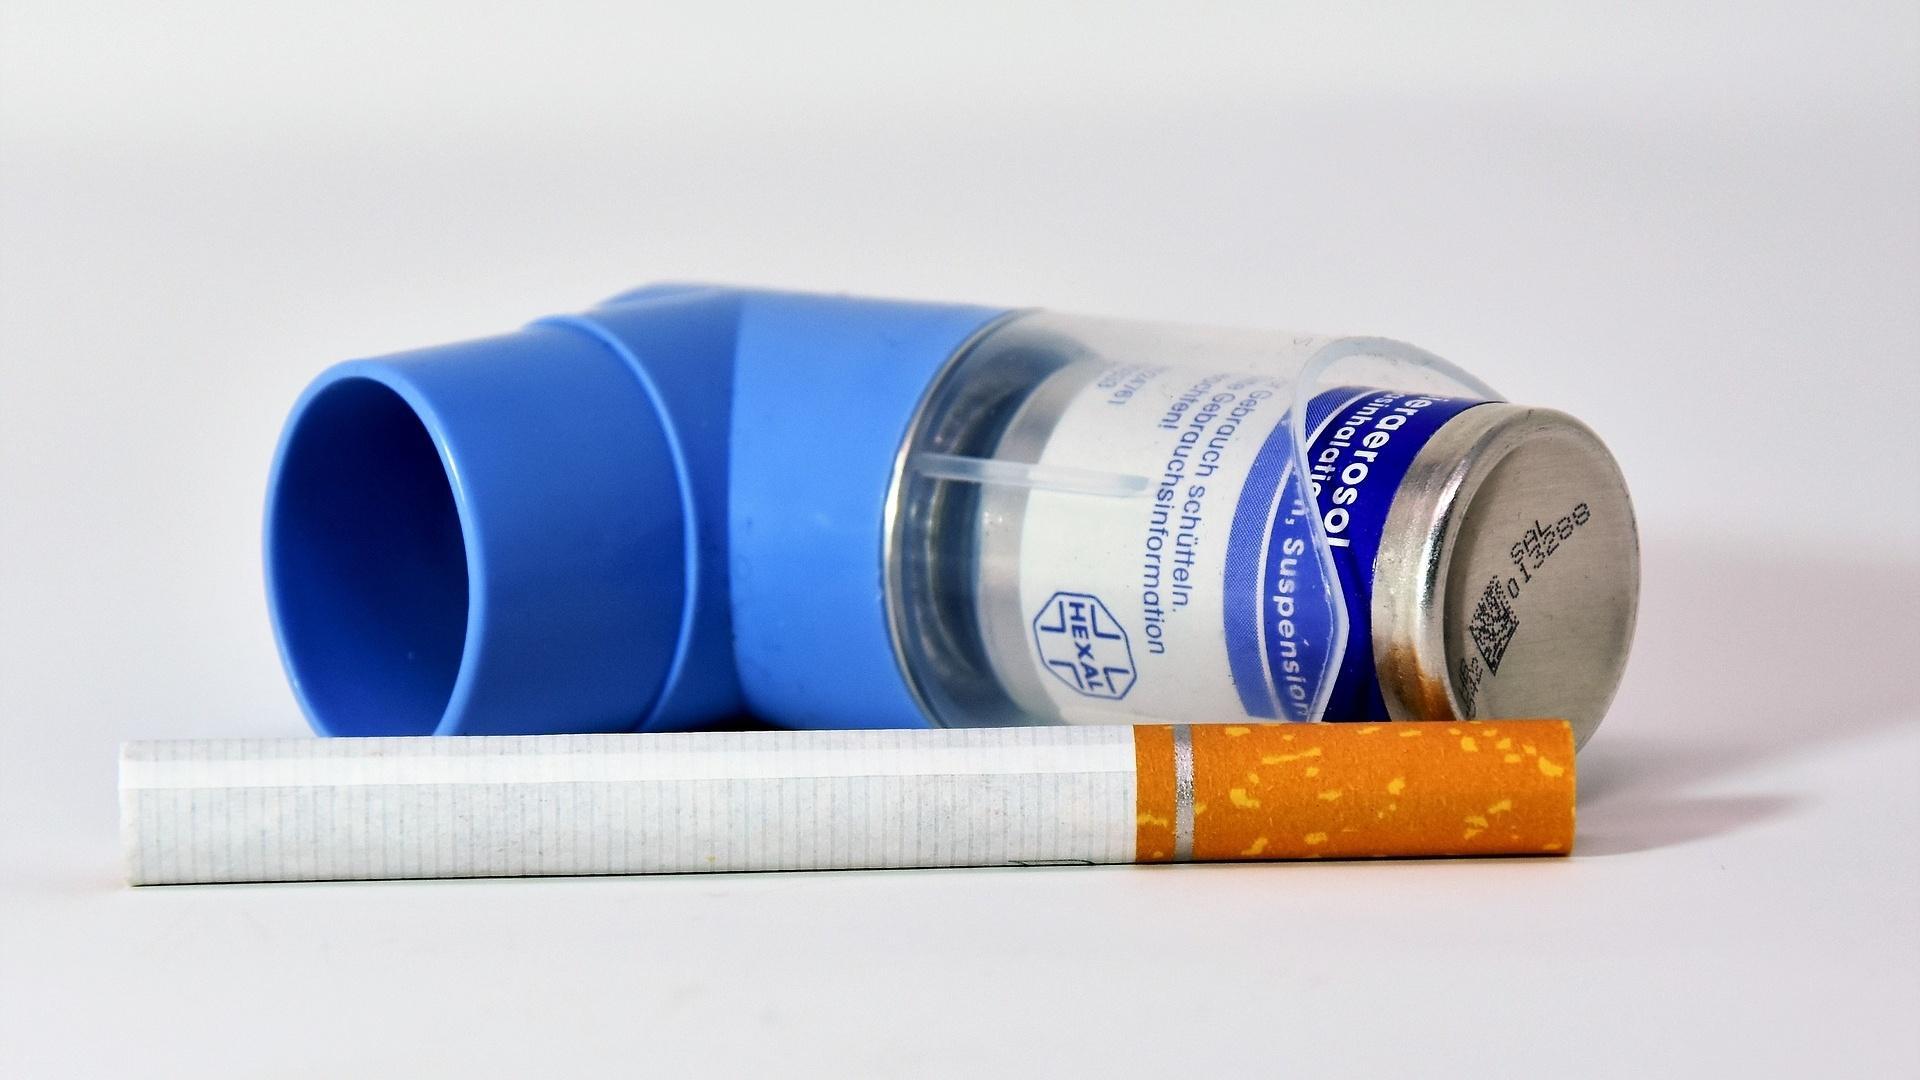 Ist die Sauerstoffsättigung im Blut zu niedrig, gibt es mehrere Symptome und Ursachen dafür.